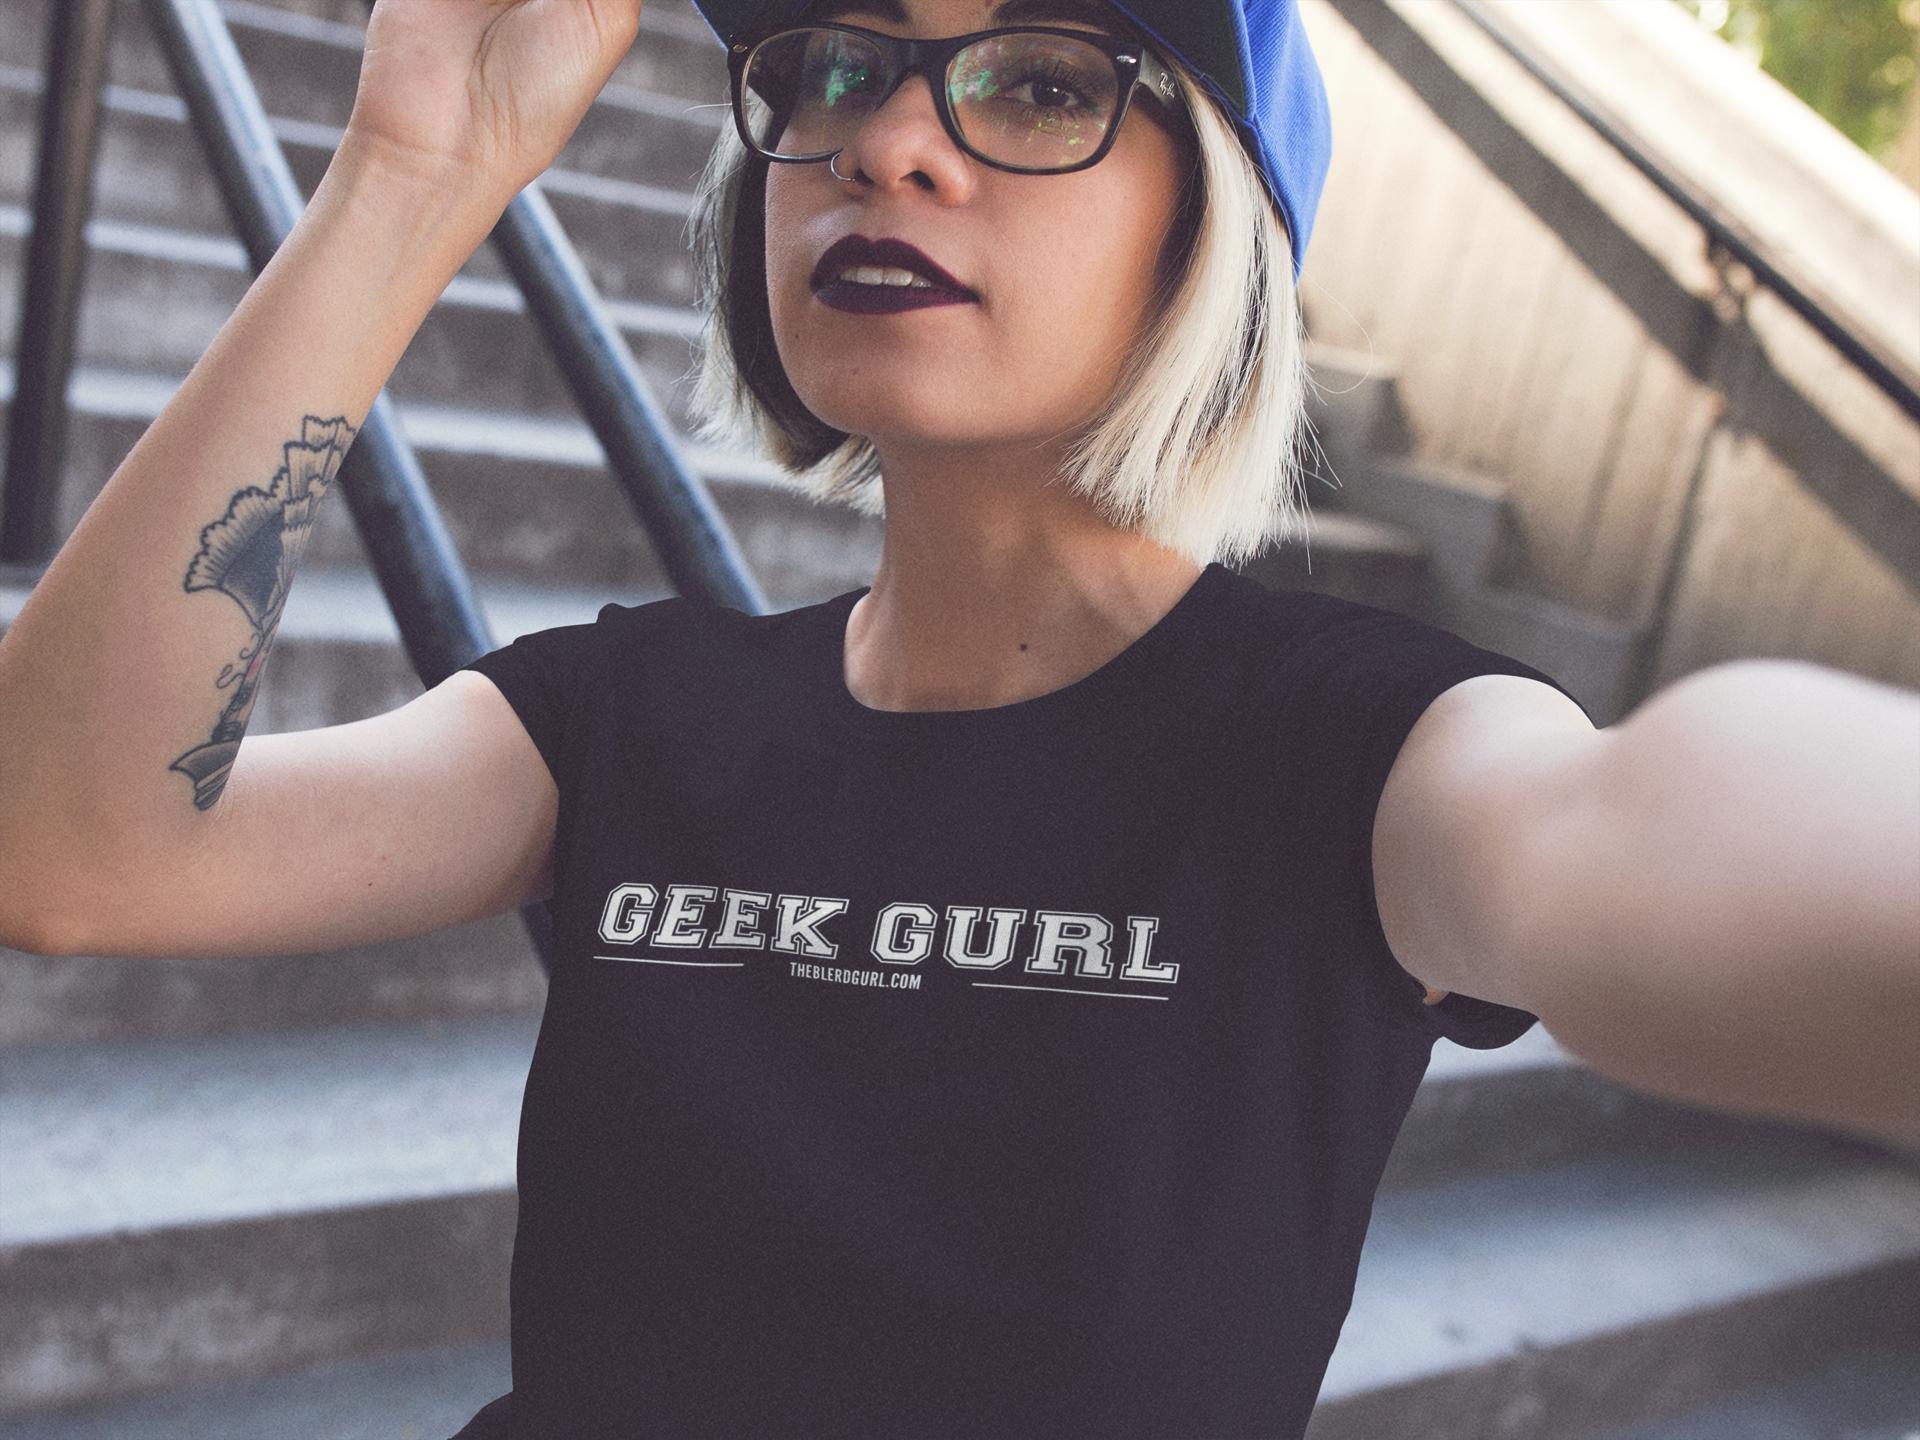 theblerdgurlshop, geekgurl, shirt